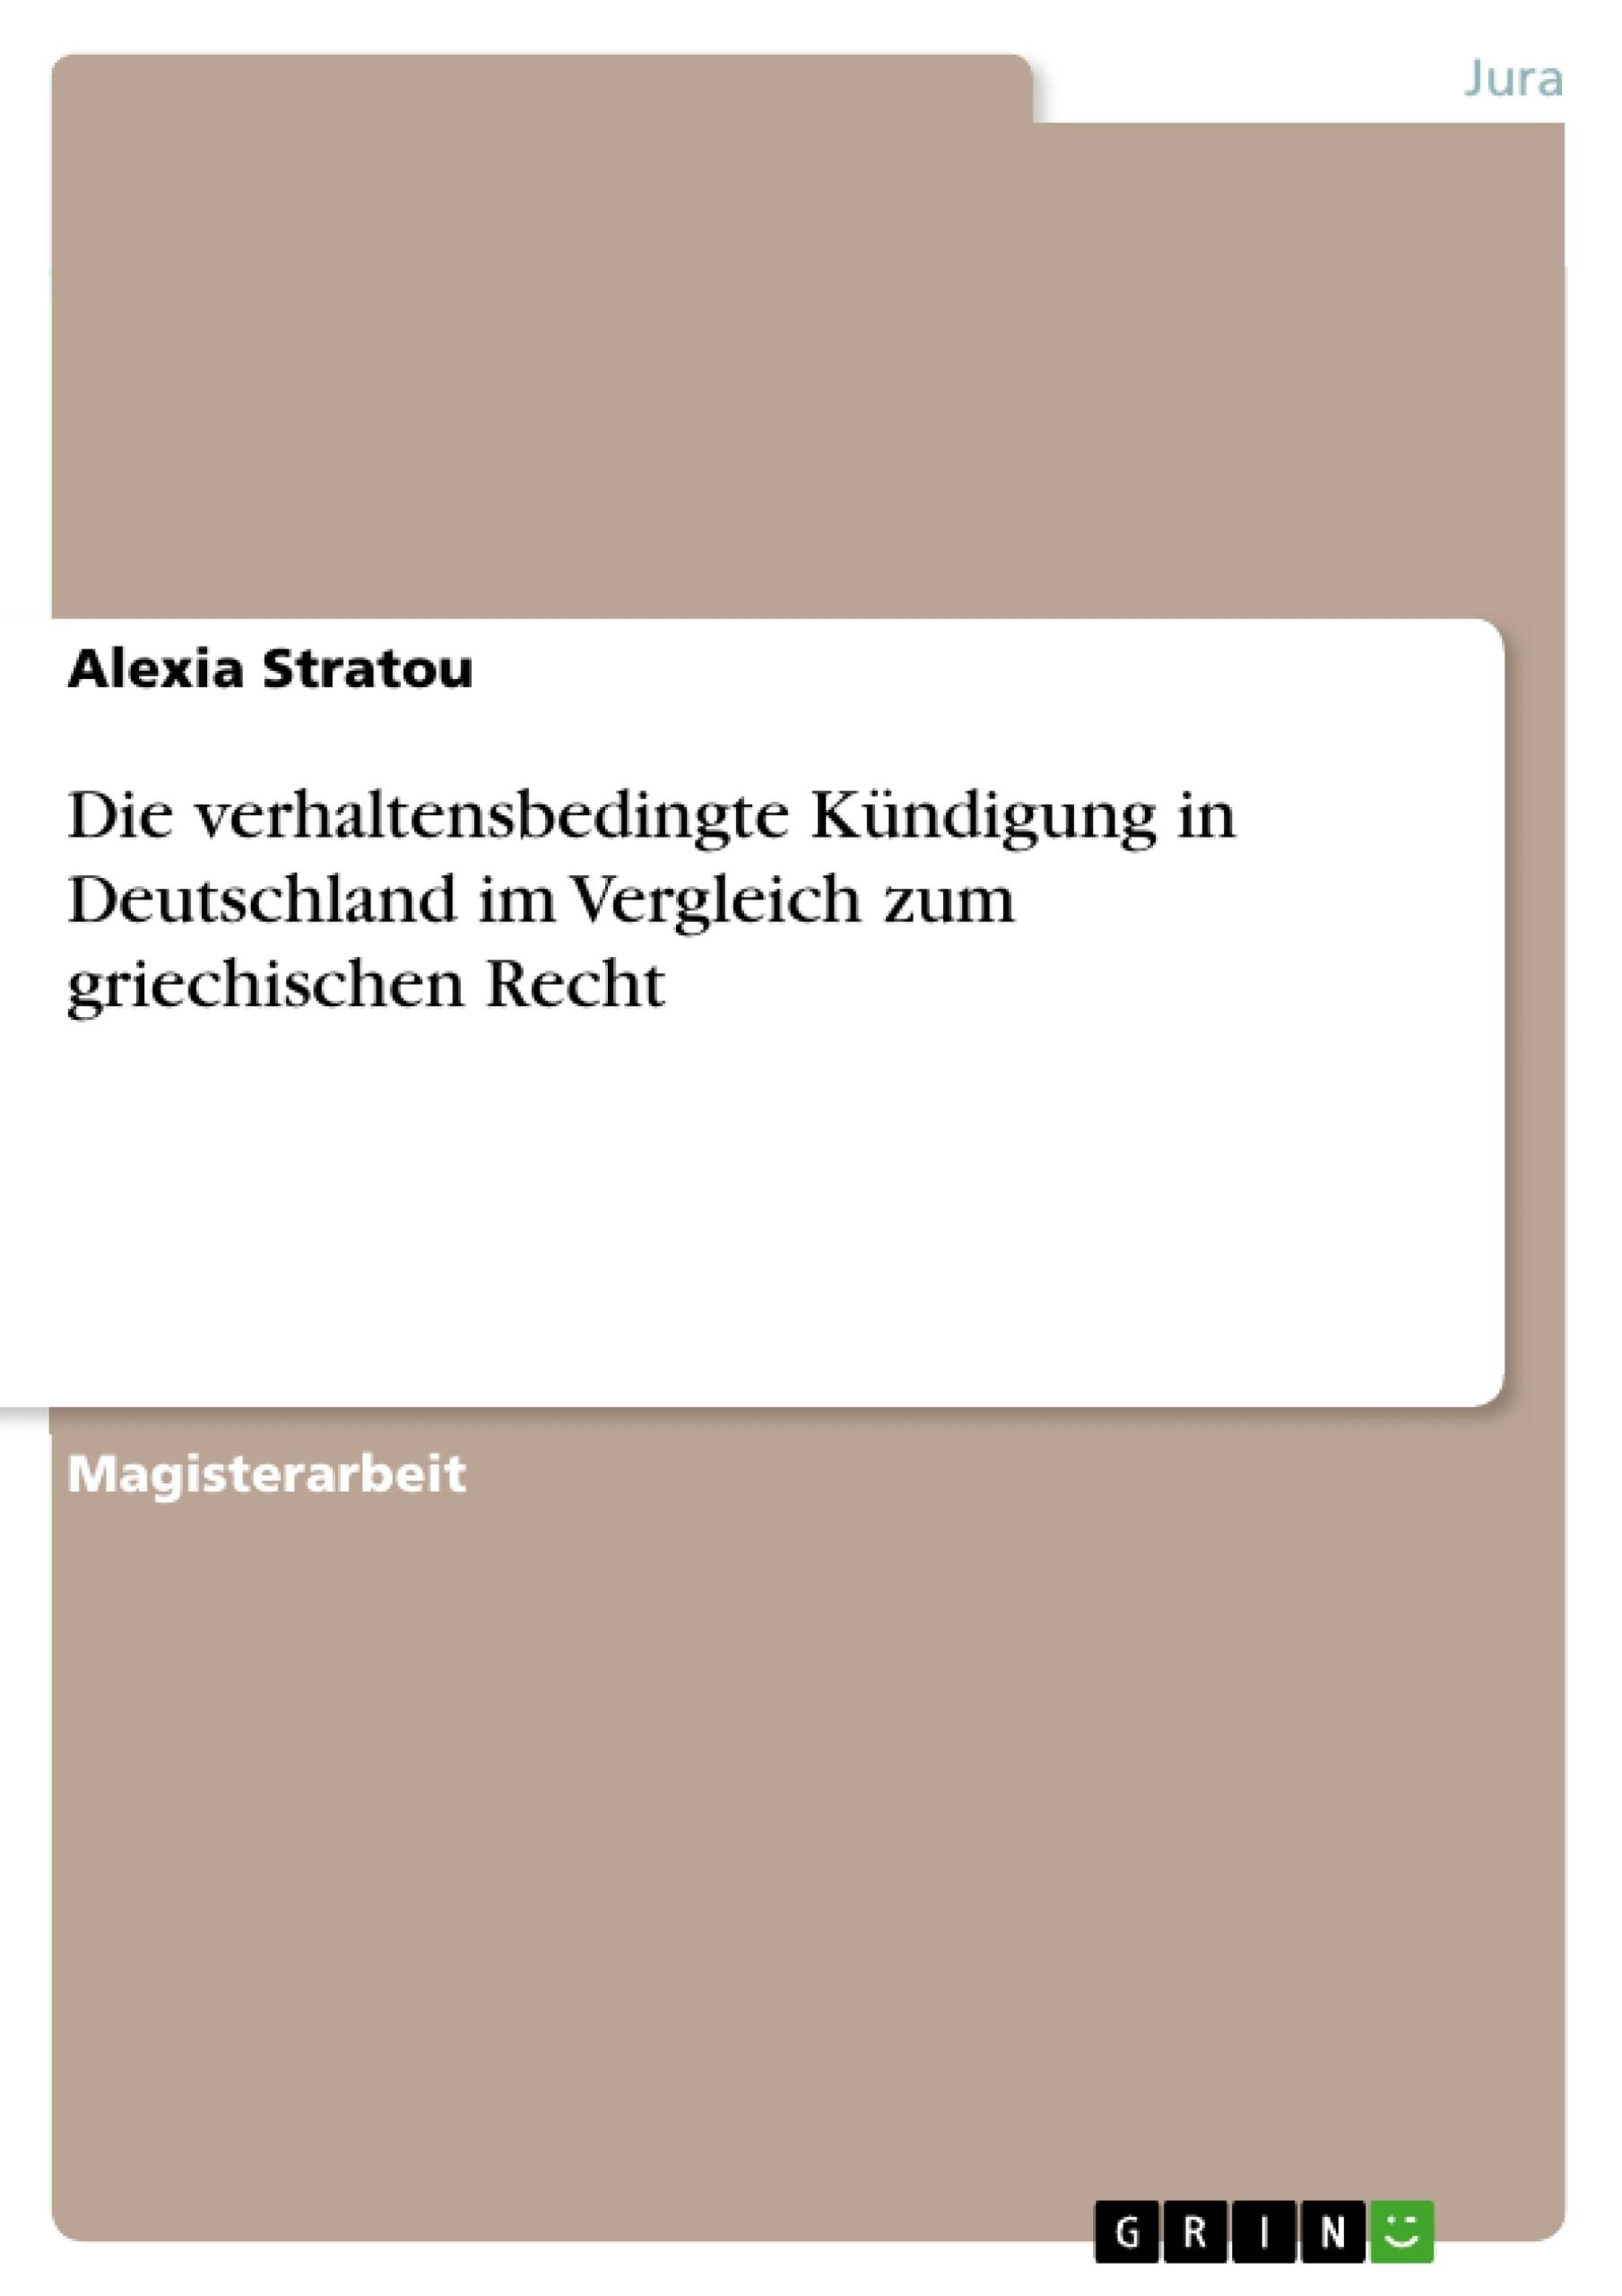 Titel: Die verhaltensbedingte Kündigung in Deutschland im Vergleich zum griechischen Recht